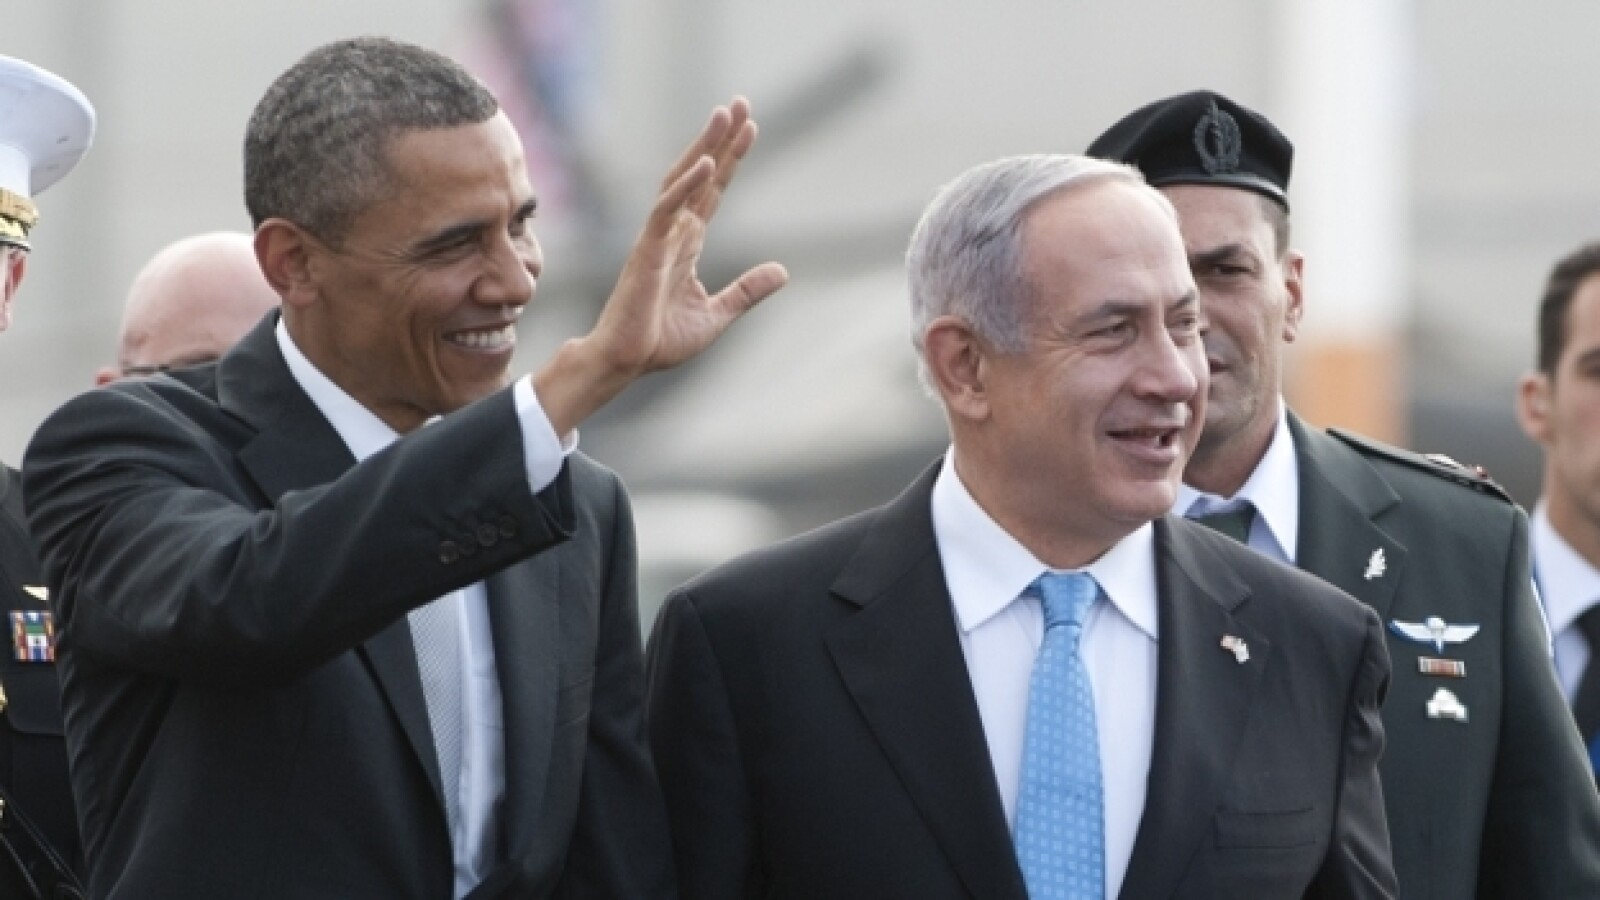 Obamaisrael3